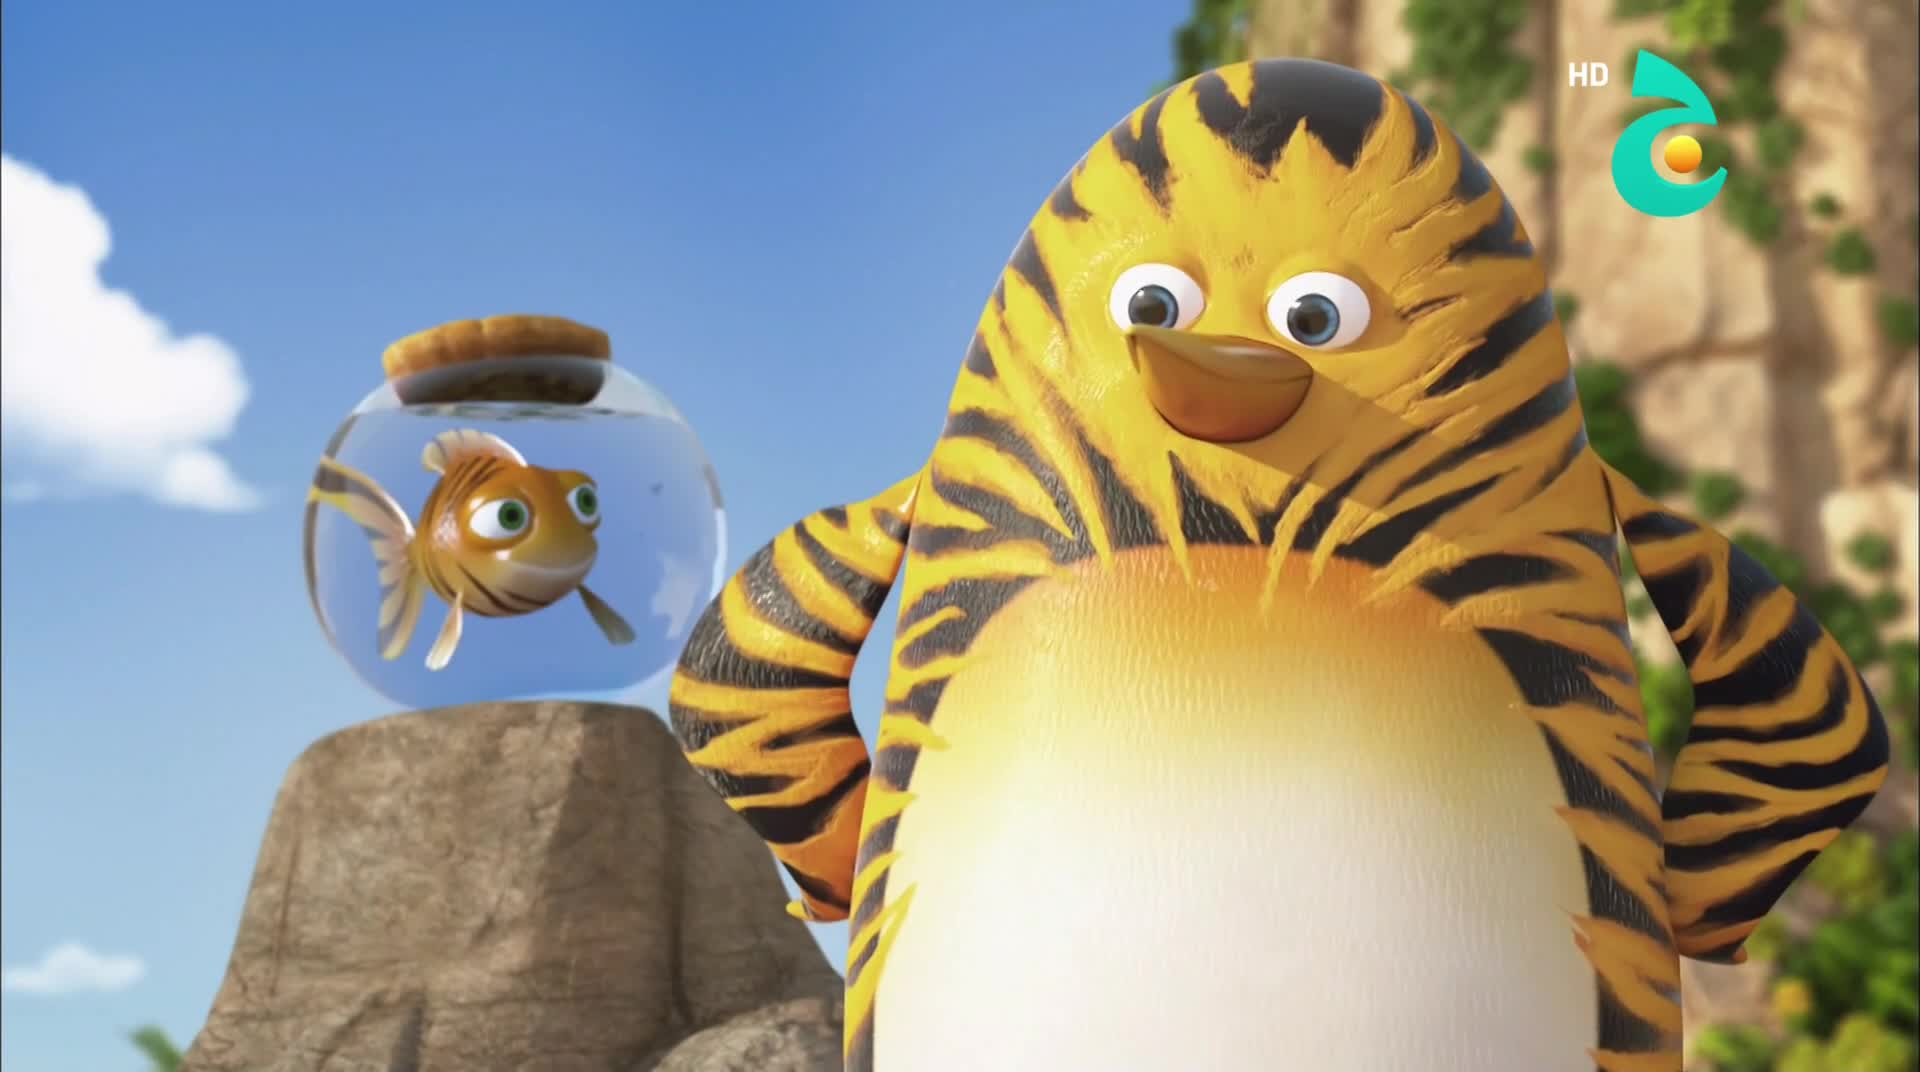 أسطورة النمر المحارب The Jungle Bunch (2011) HDTV 1080p تحميل تورنت 5 arabp2p.com